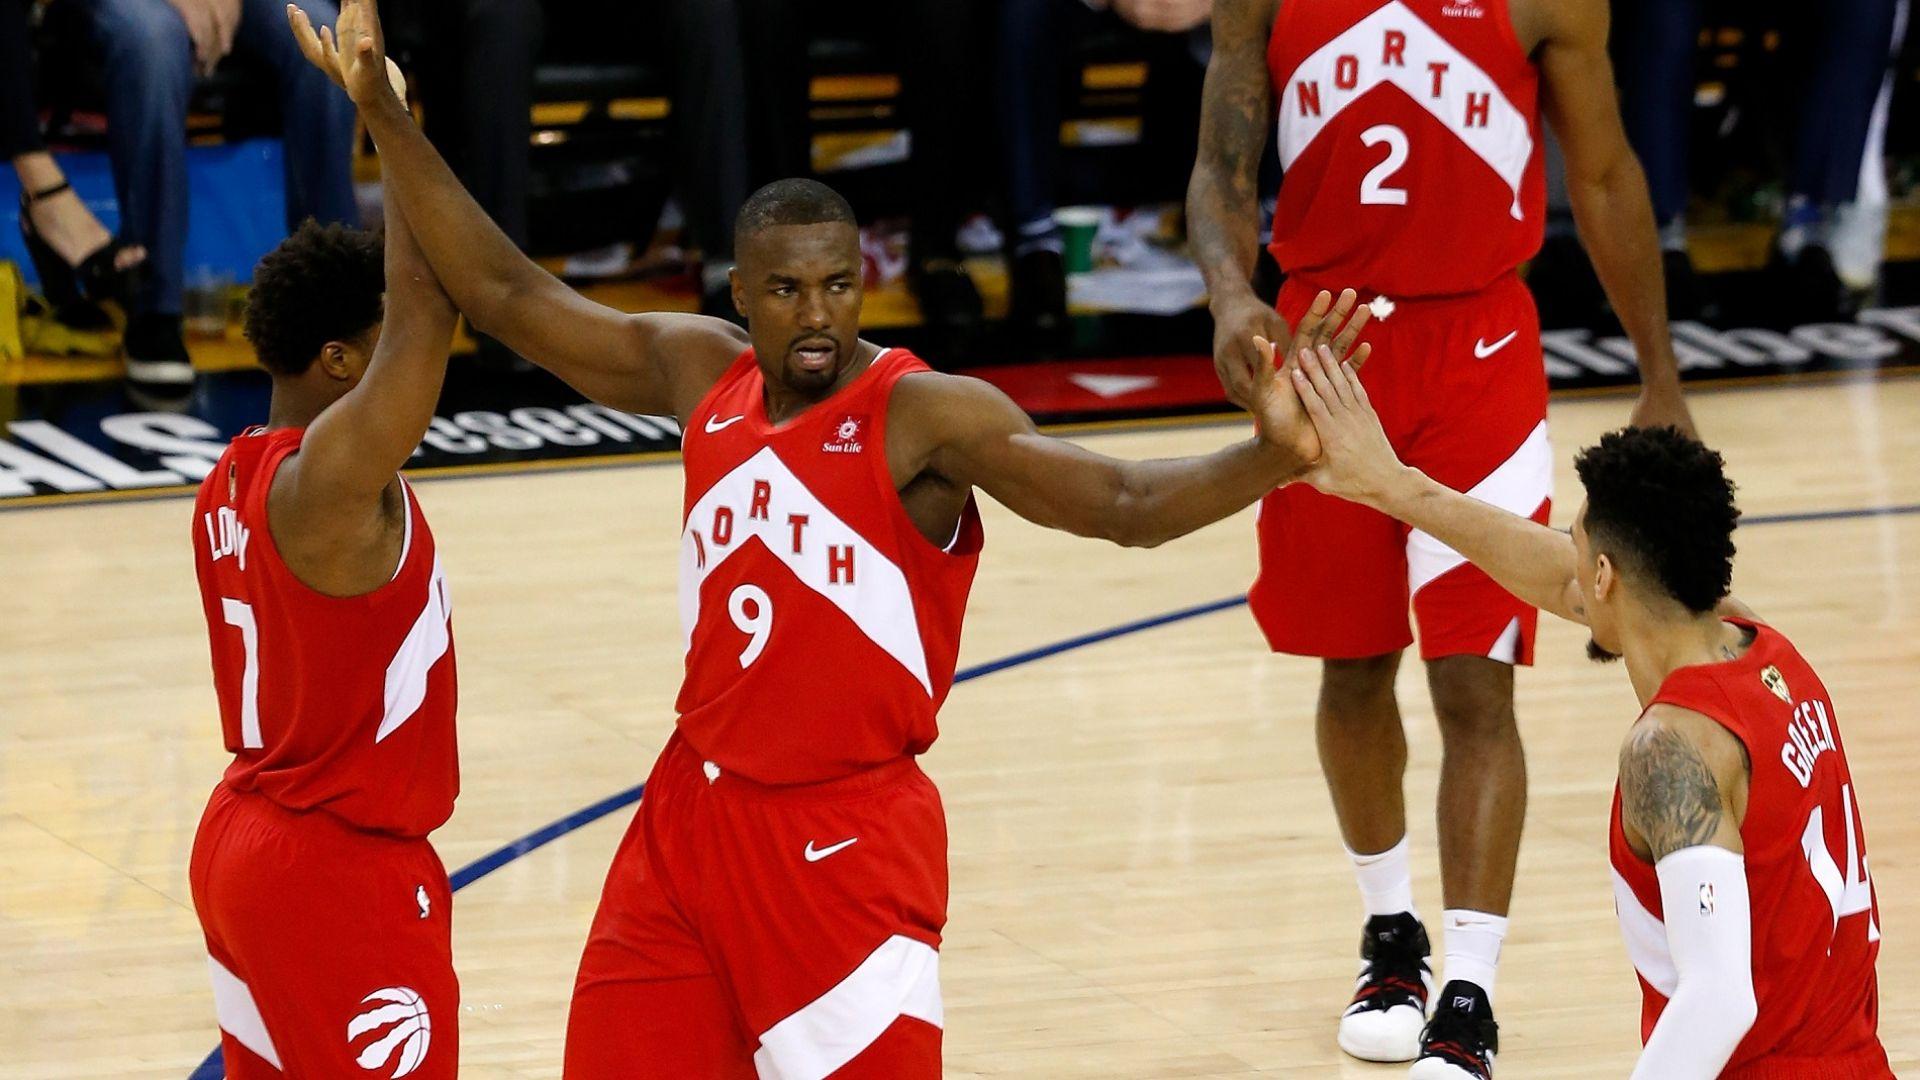 Победа №3 и Торонто е на крачка от титлата